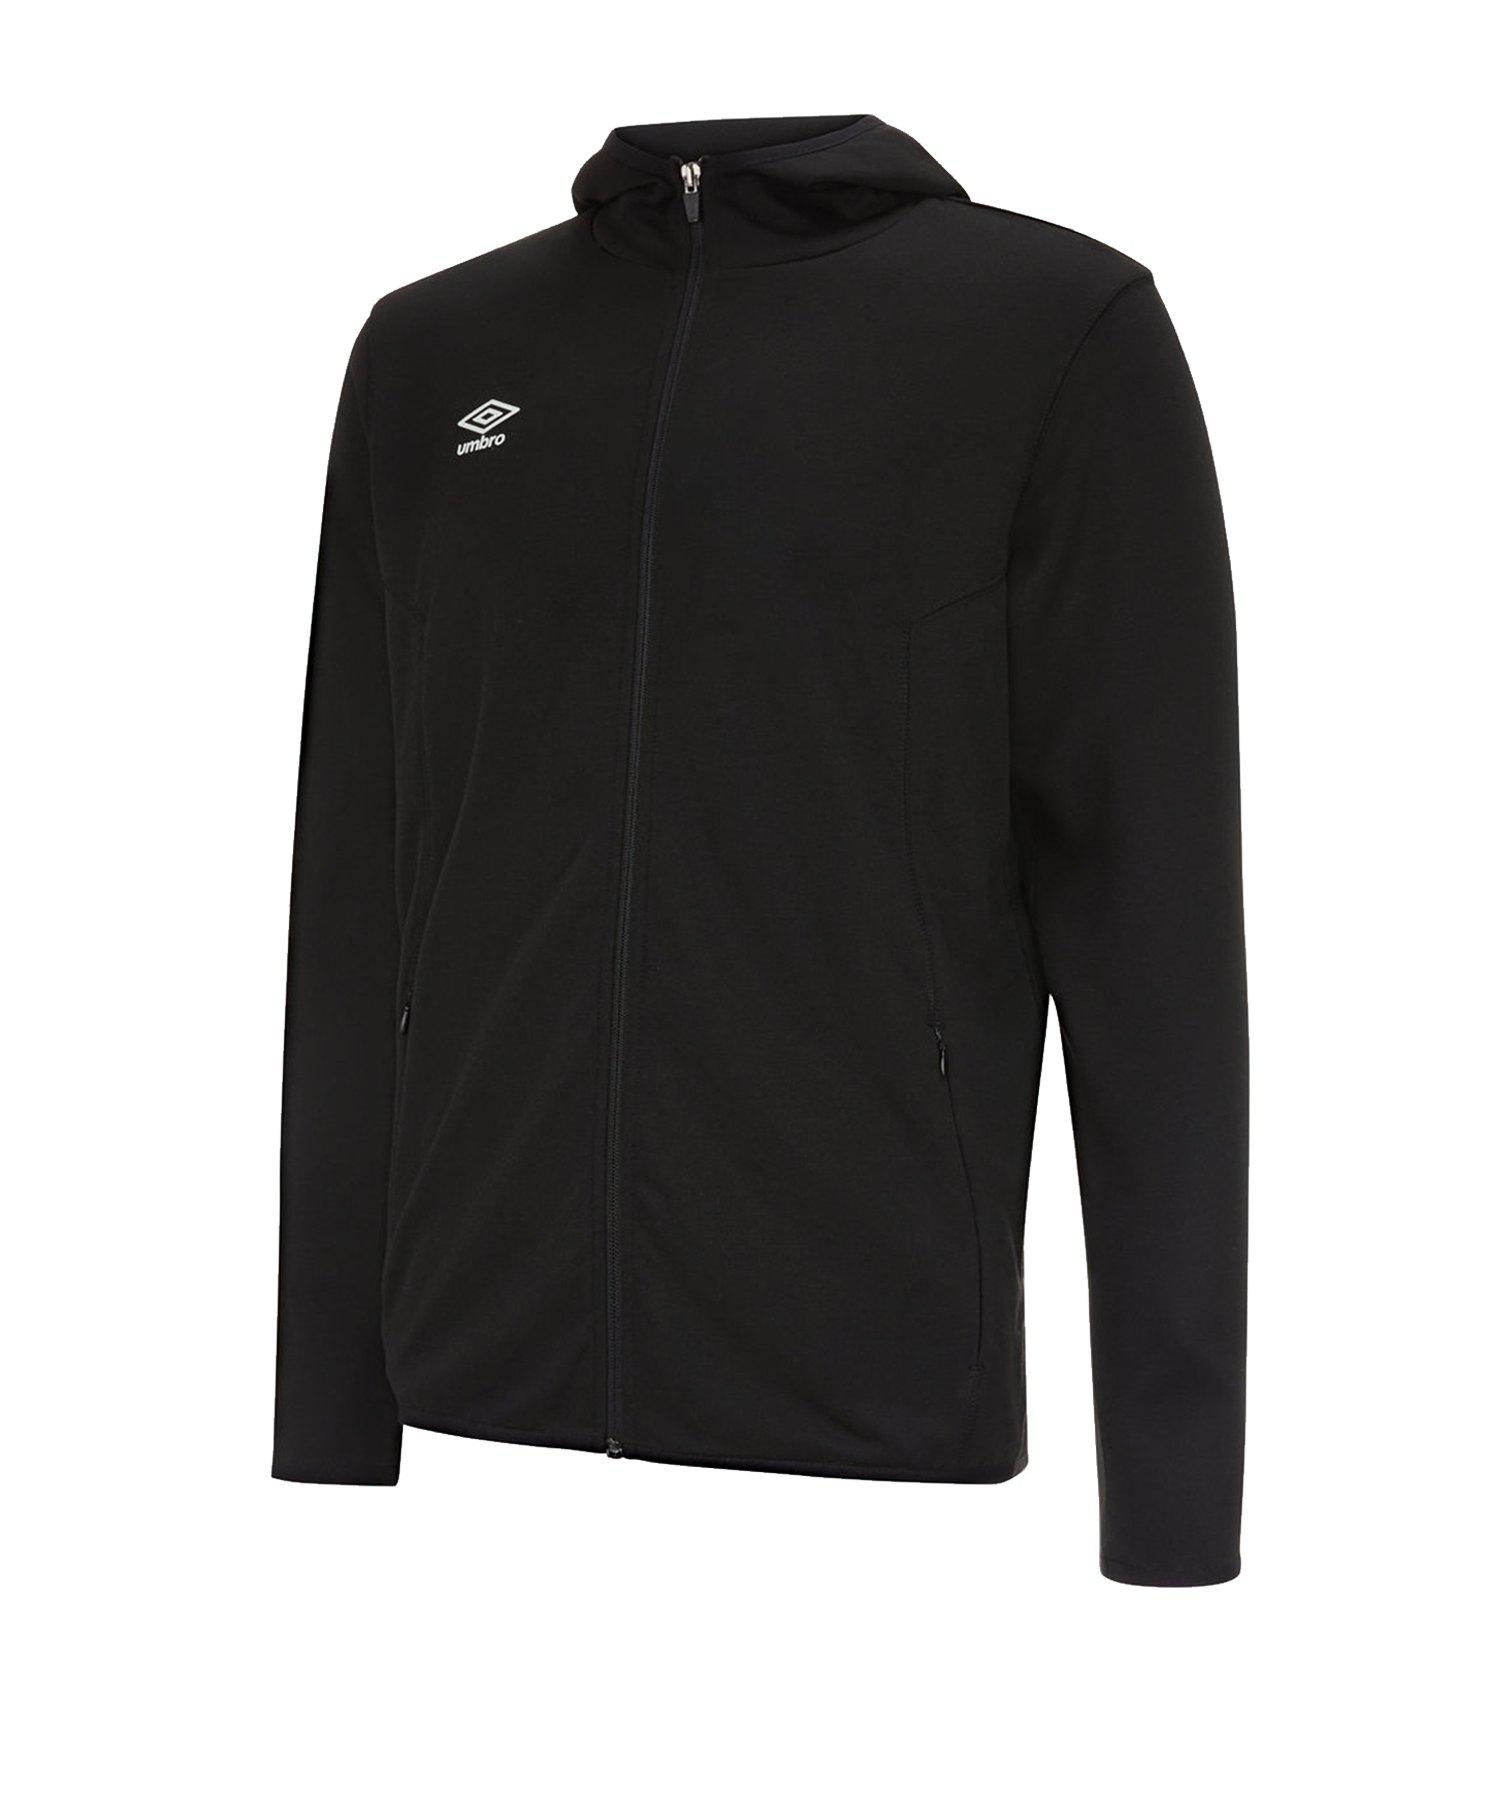 Umbro Pro Fleece Hoody Kapuzenjacke F090 - Schwarz